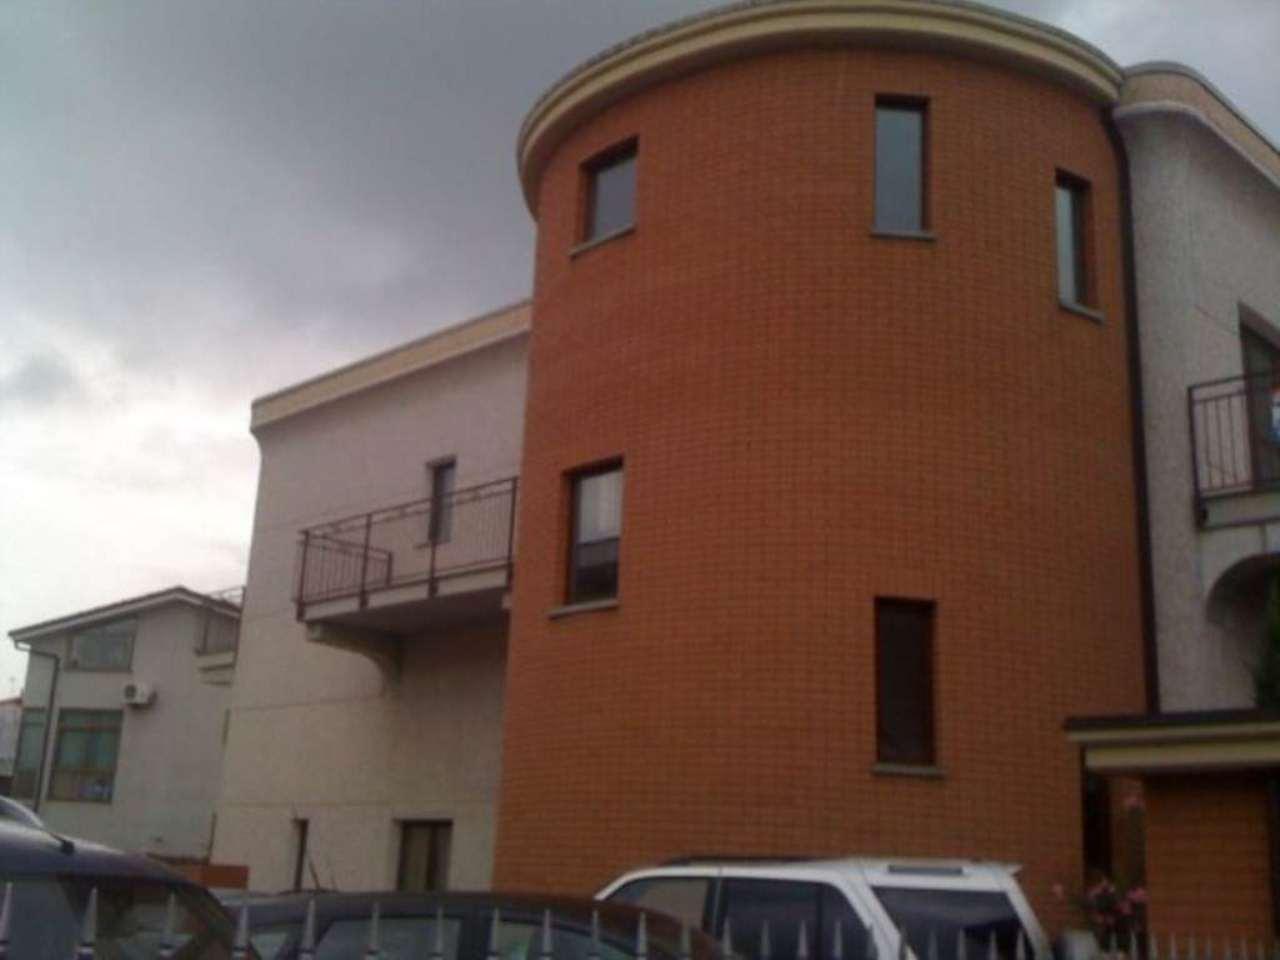 Ufficio / Studio in affitto a Nichelino, 5 locali, prezzo € 550 | Cambio Casa.it